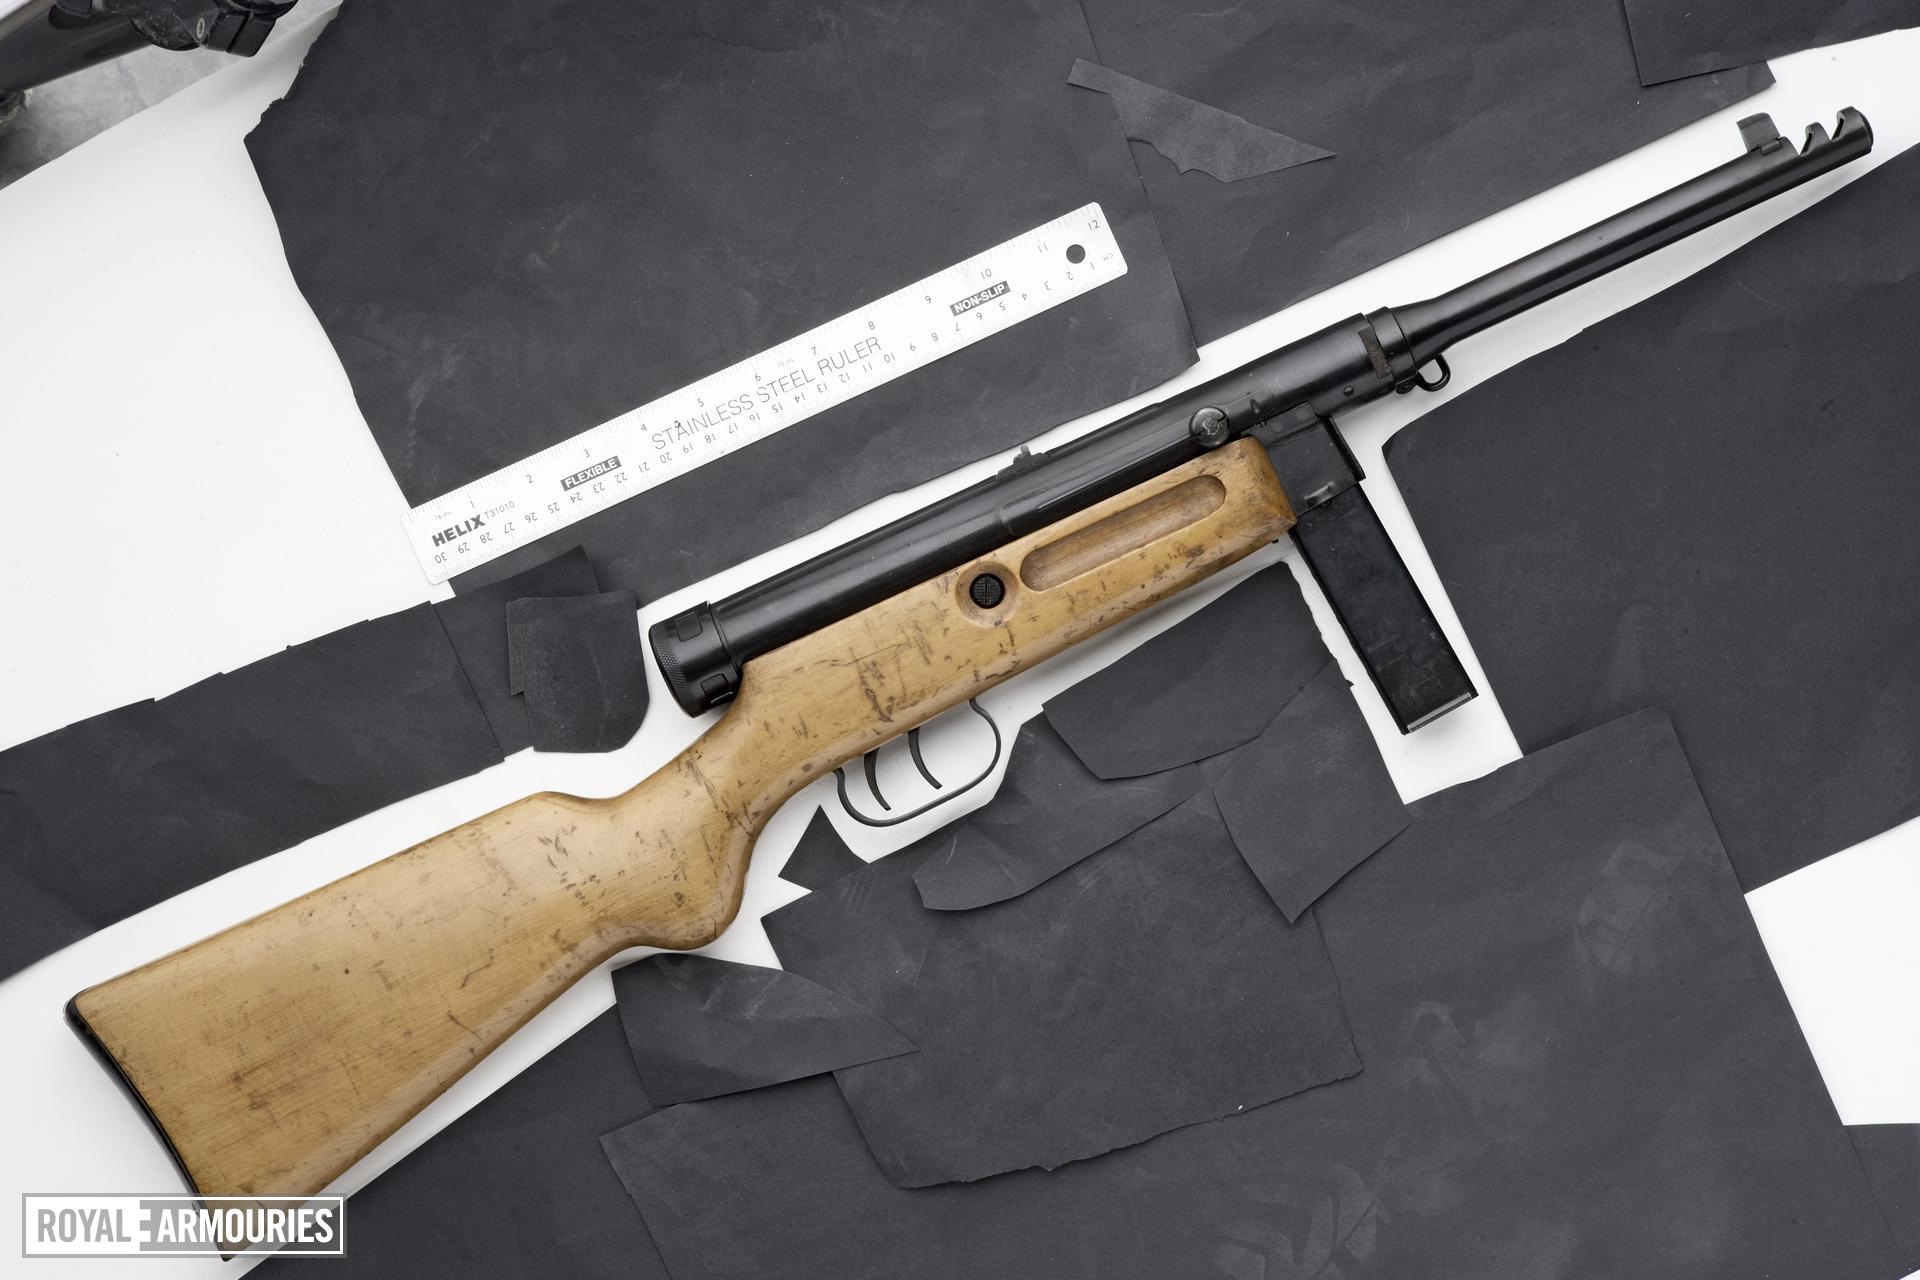 Centrefire automatic submachine gun - Beretta Model 4